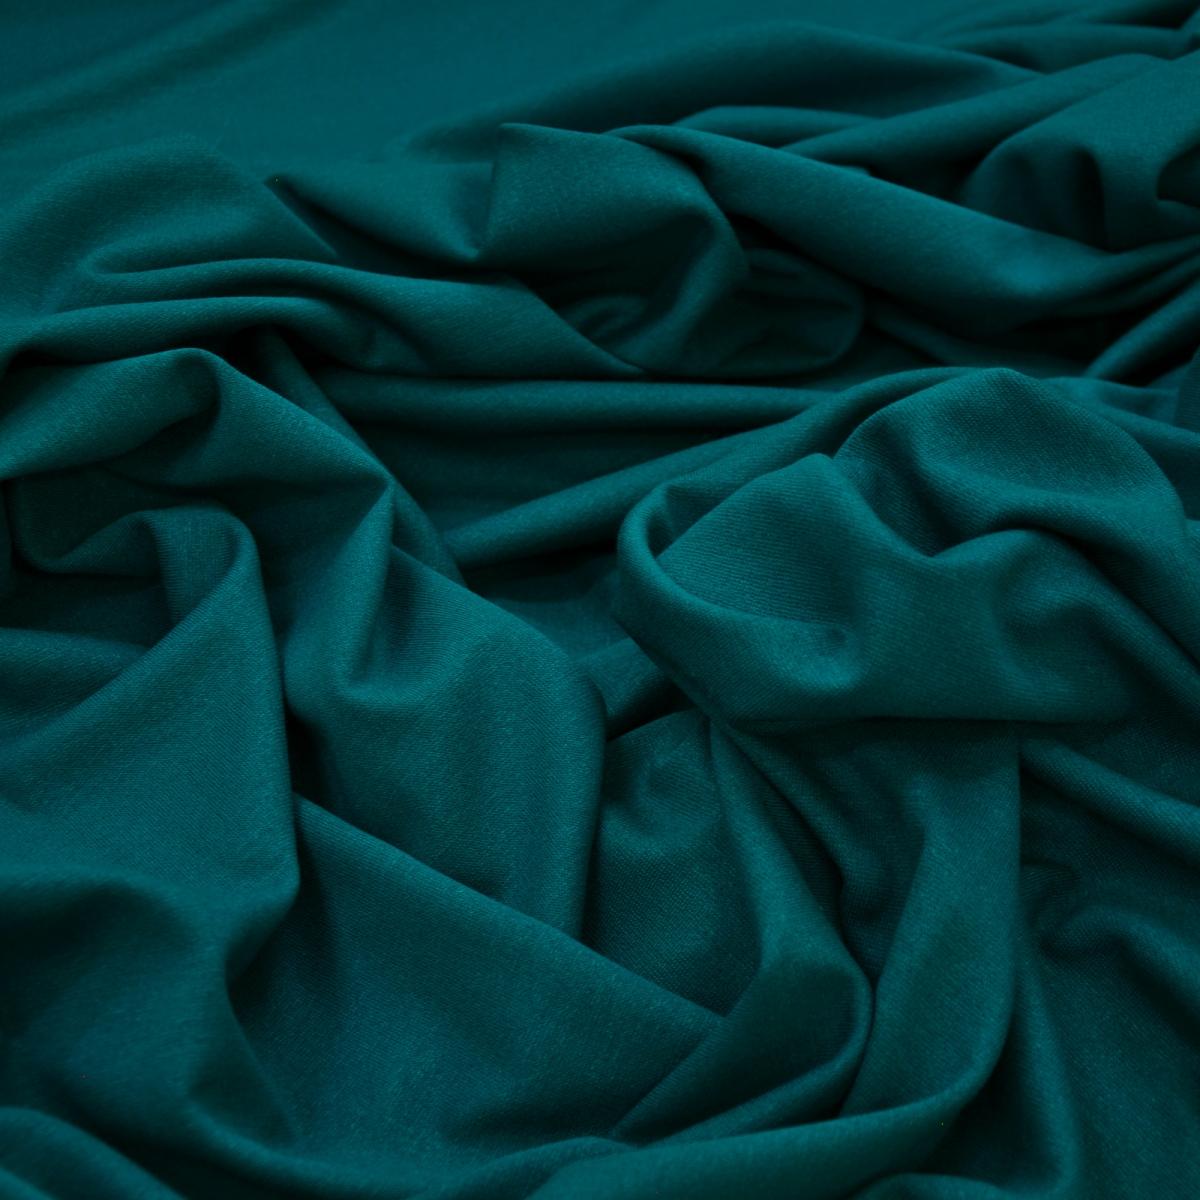 Бирюза темная цвет фото